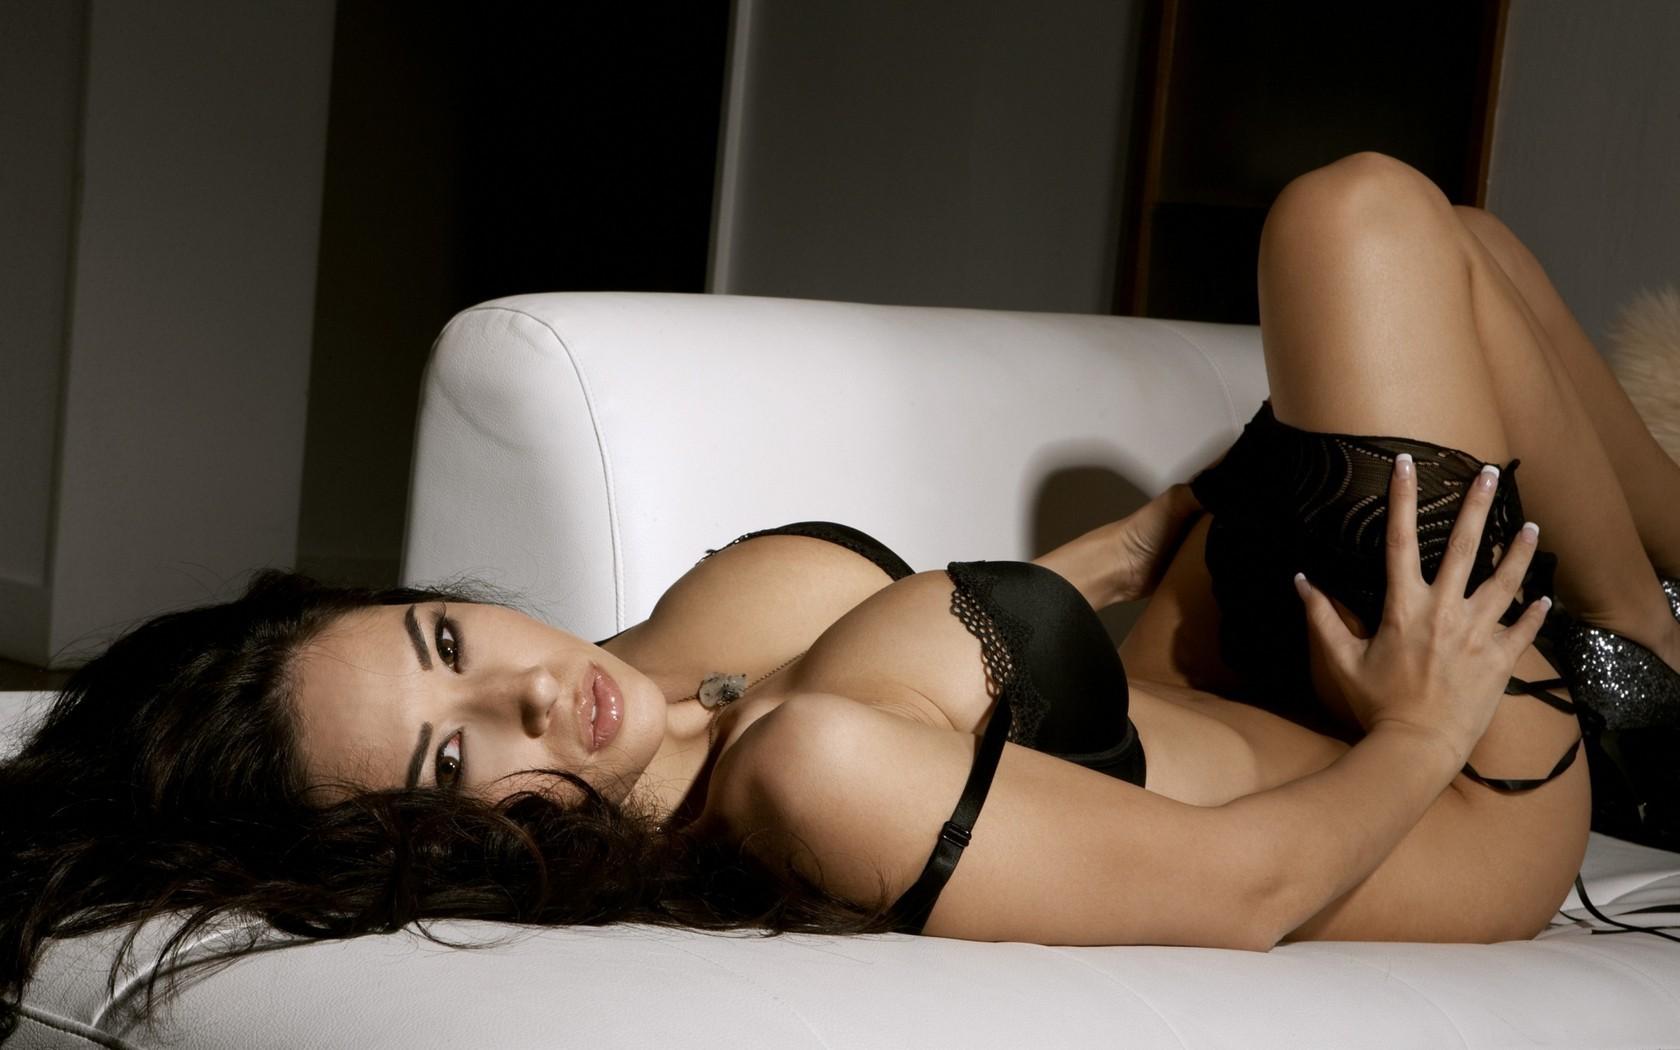 Сексуальные женские интимные фото, фото из порнухи на крыше дома